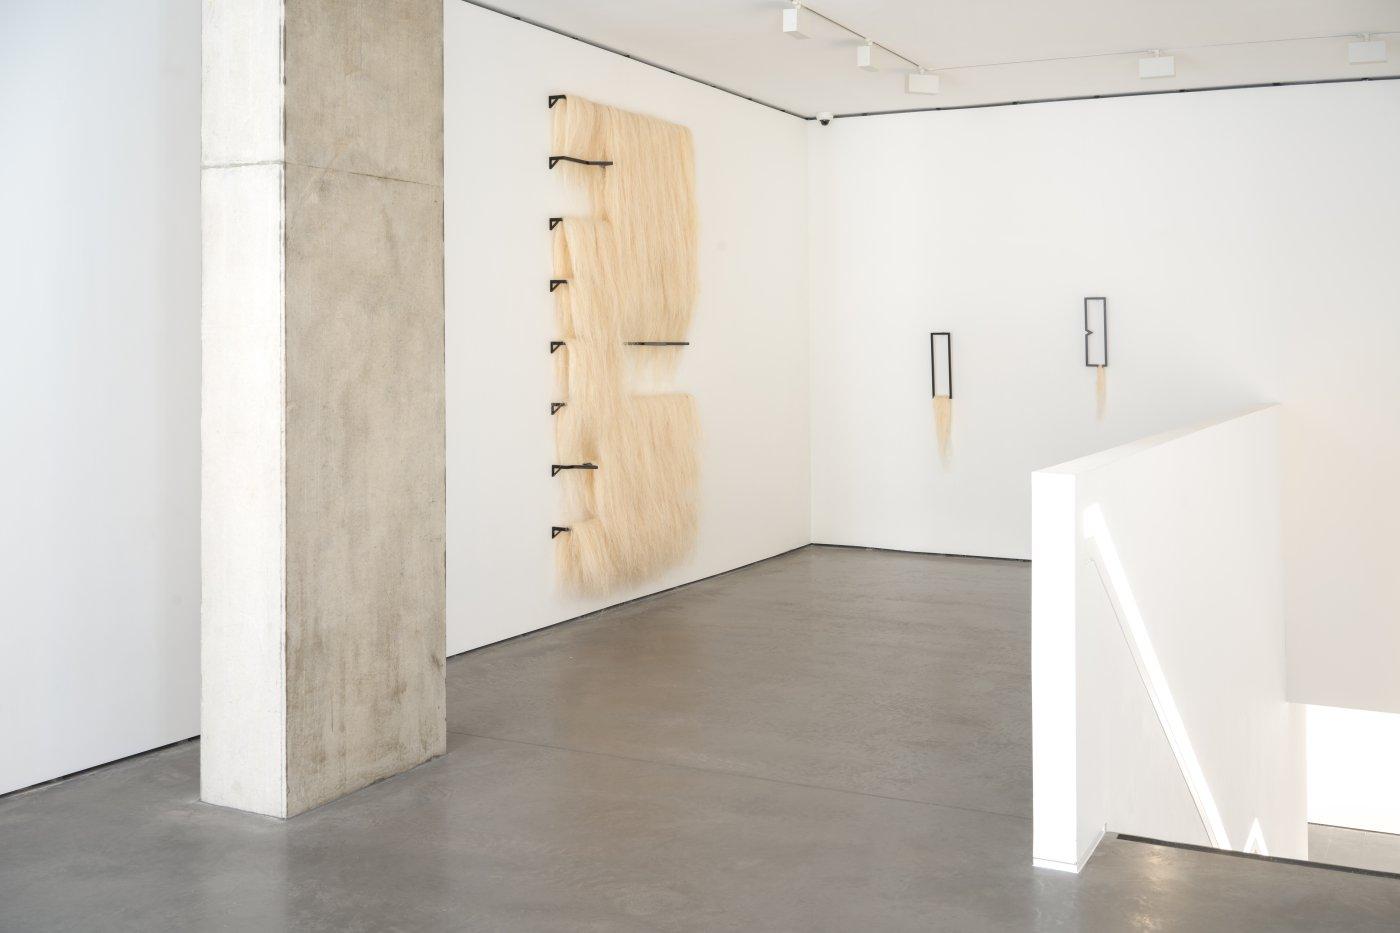 Goodman Gallery Kapwani Kiwanga 2